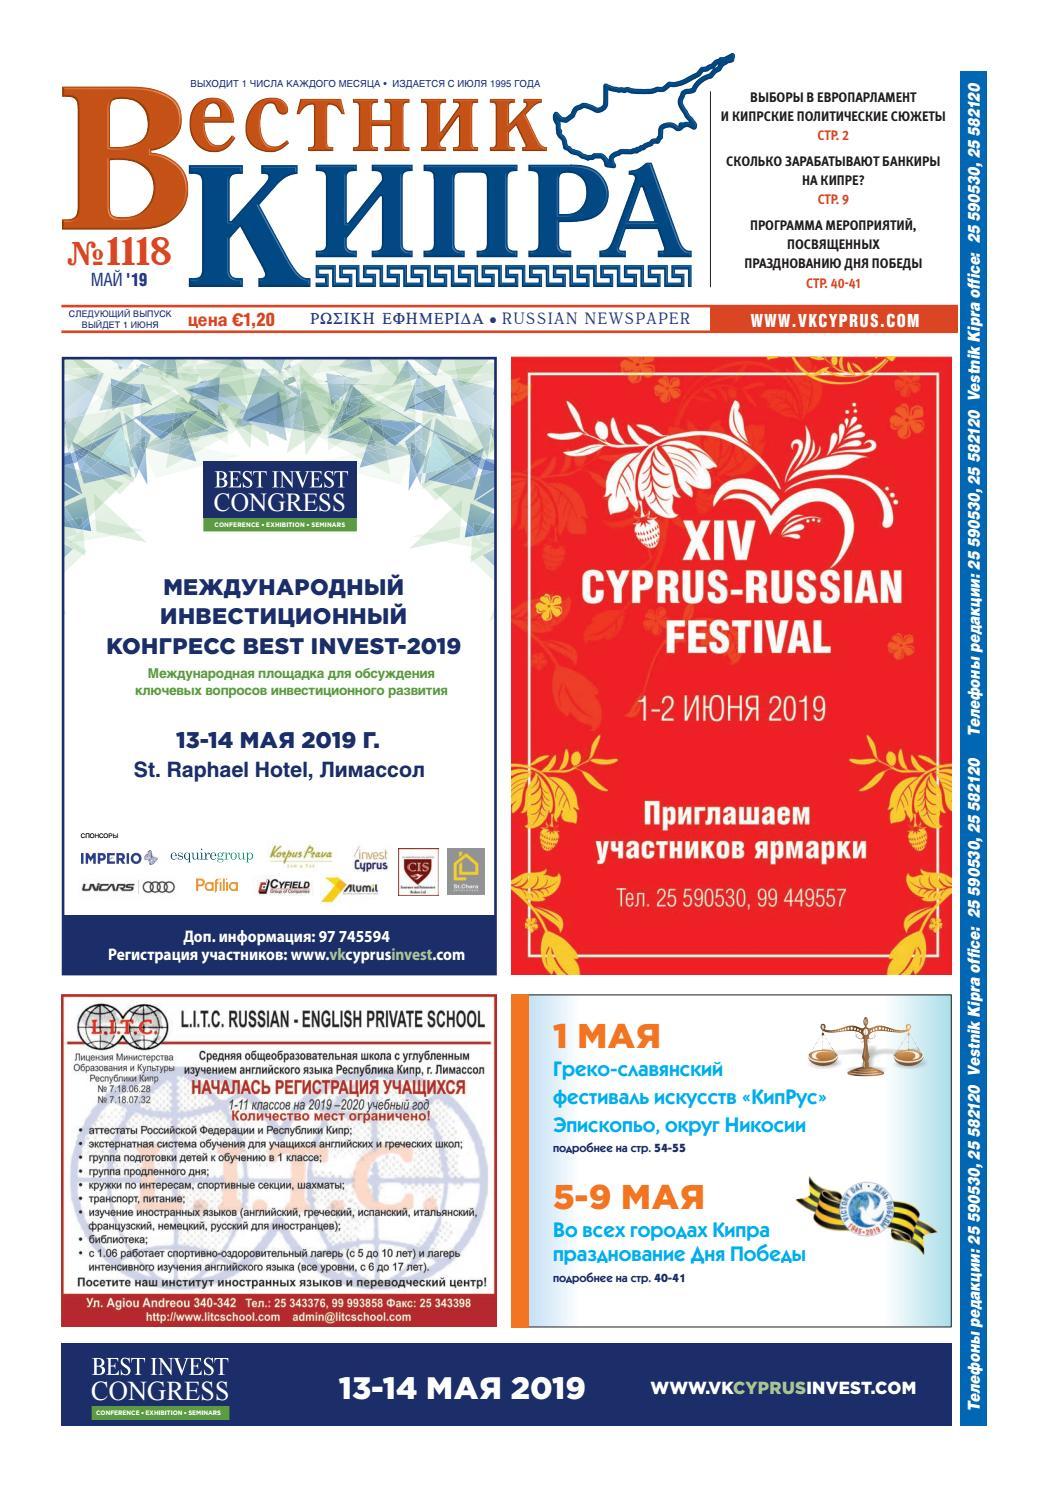 вестник кипра 1118 By вестник кипра Issuu